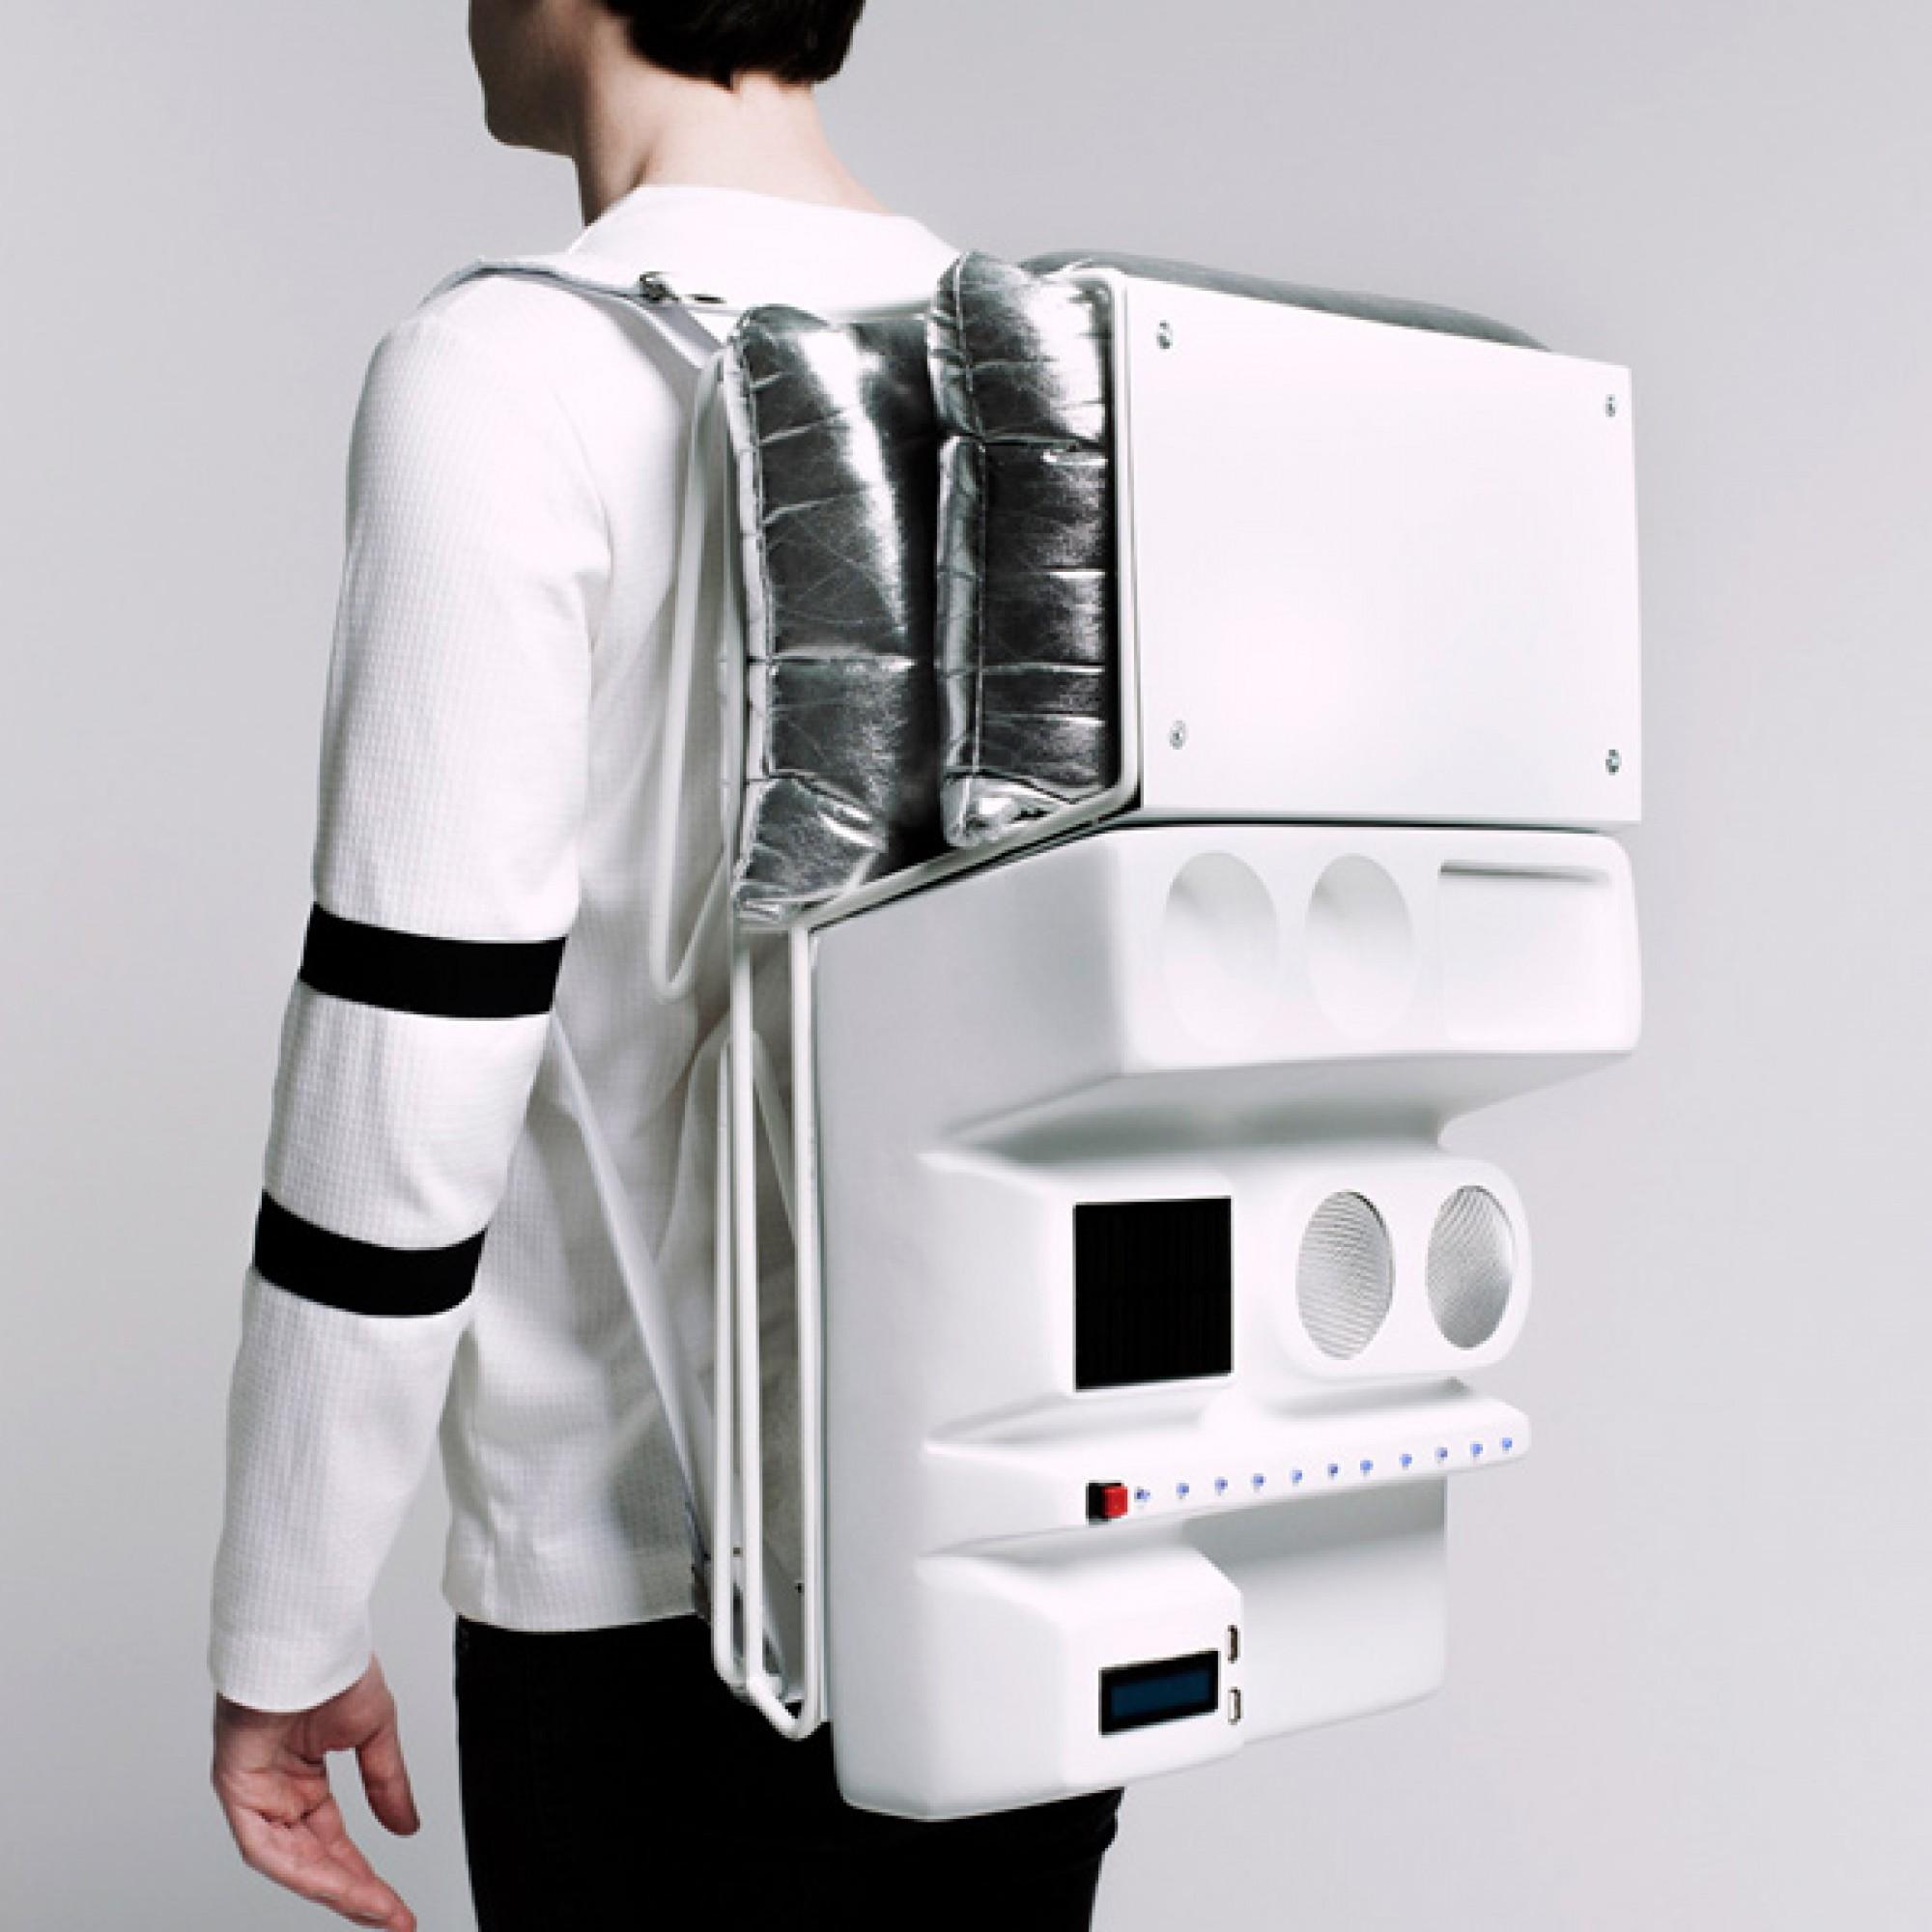 Zum Korb gehören auch noch zwei thermische Kissen... (Quelle: atelieratoma.com)